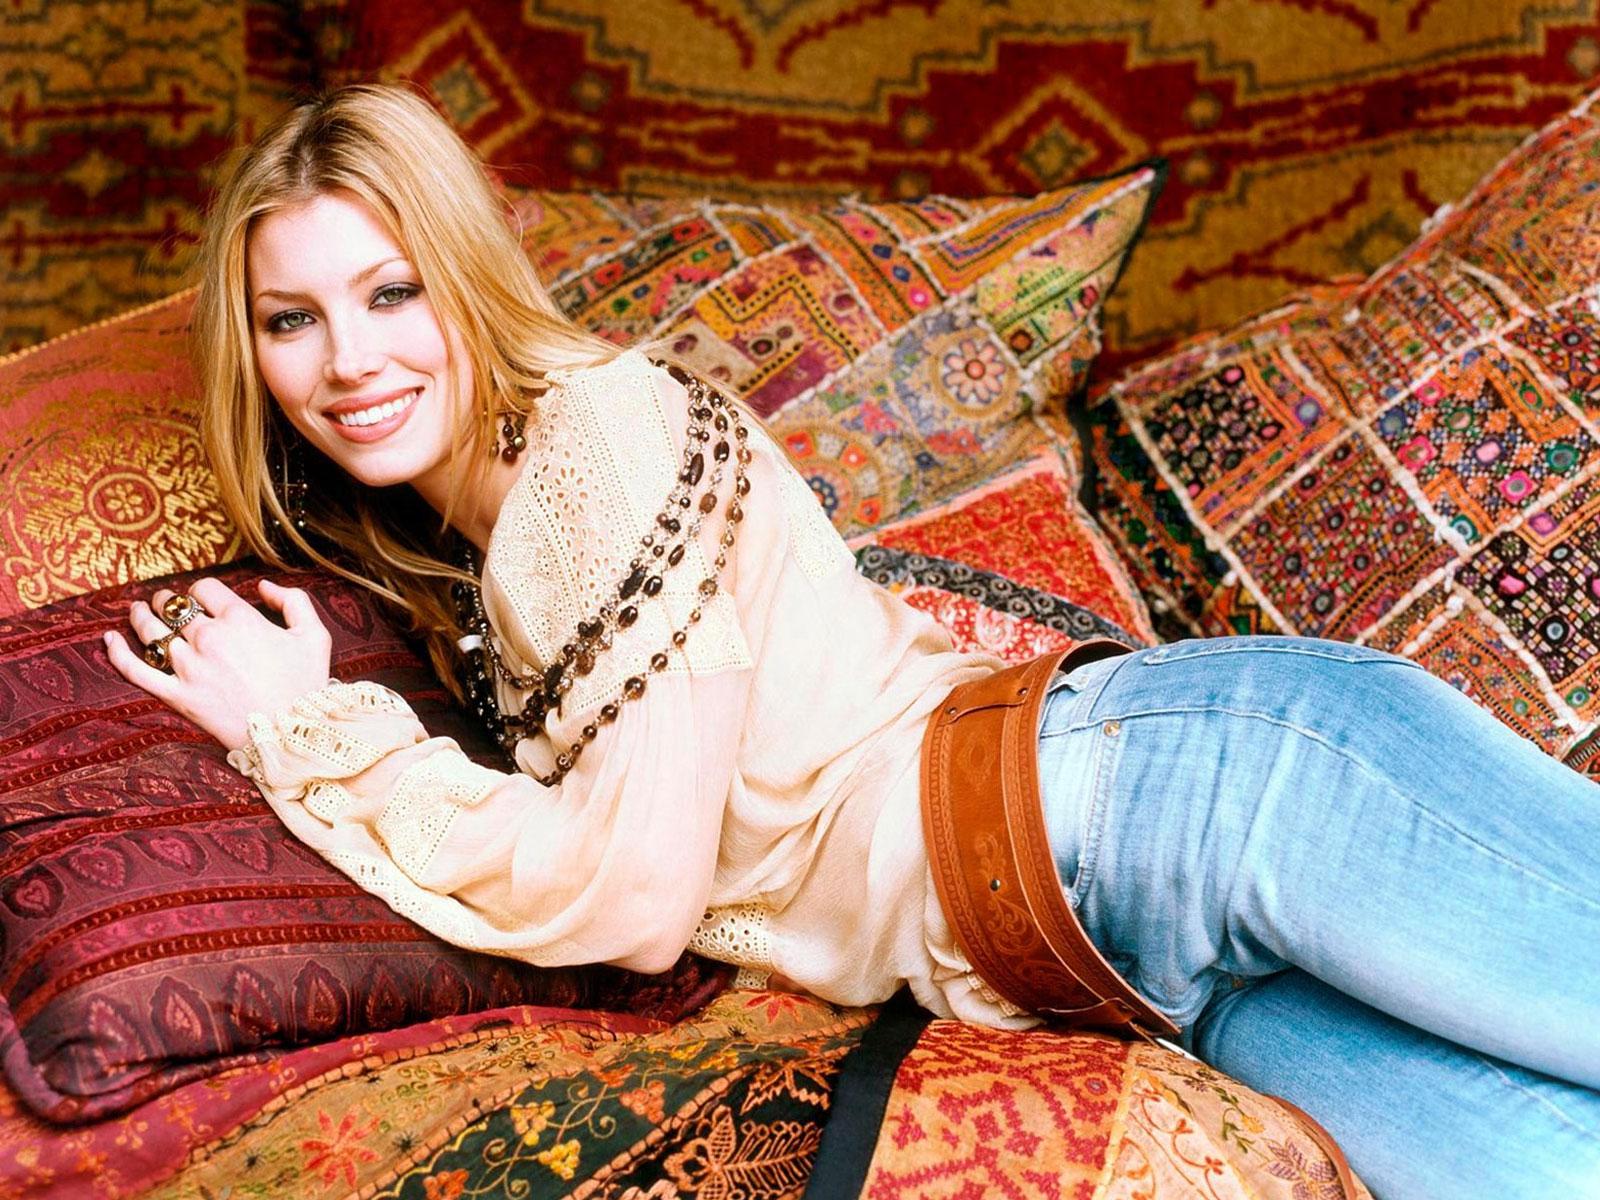 http://1.bp.blogspot.com/_GHIEHD4J-V8/TKw57I2-z1I/AAAAAAAAB8k/qoD5__S2BD0/s1600/Jessica-Biel-HQ-Wallpaper-2.jpg